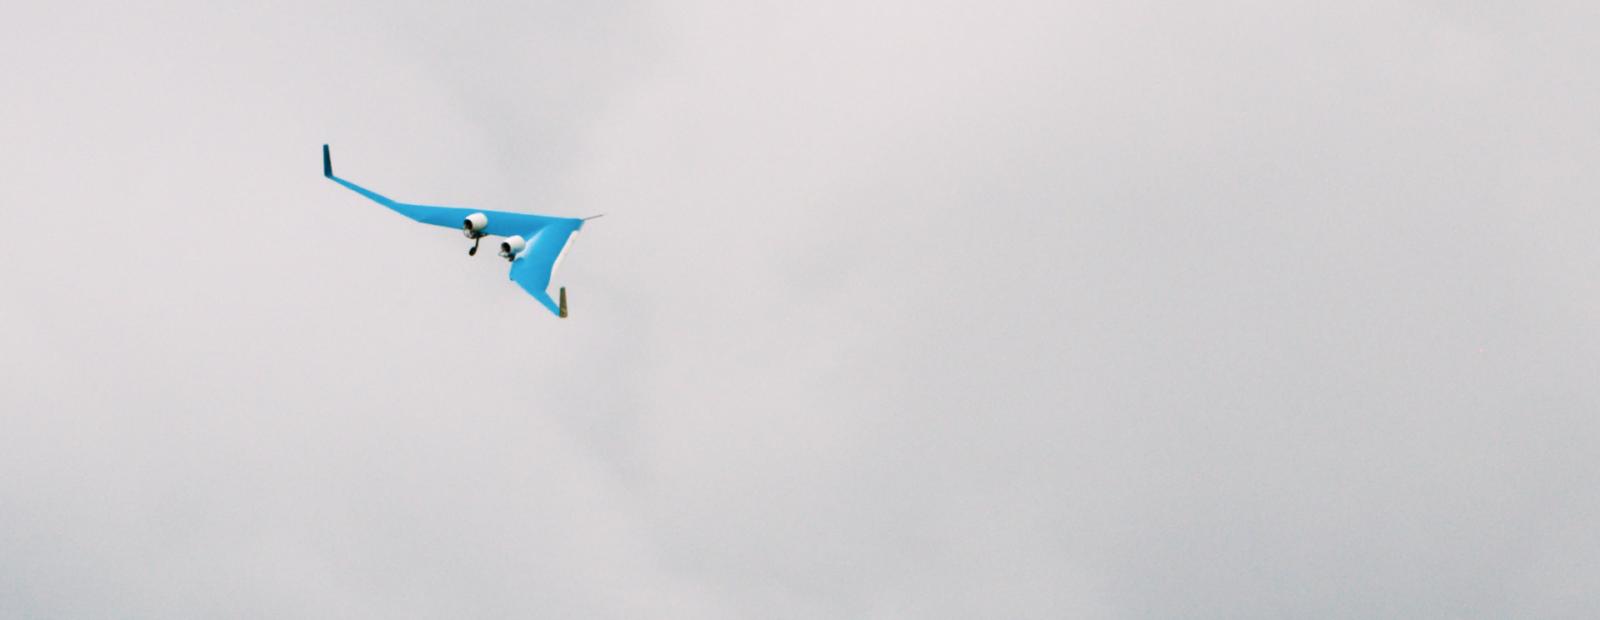 eerste vlucht flying-v